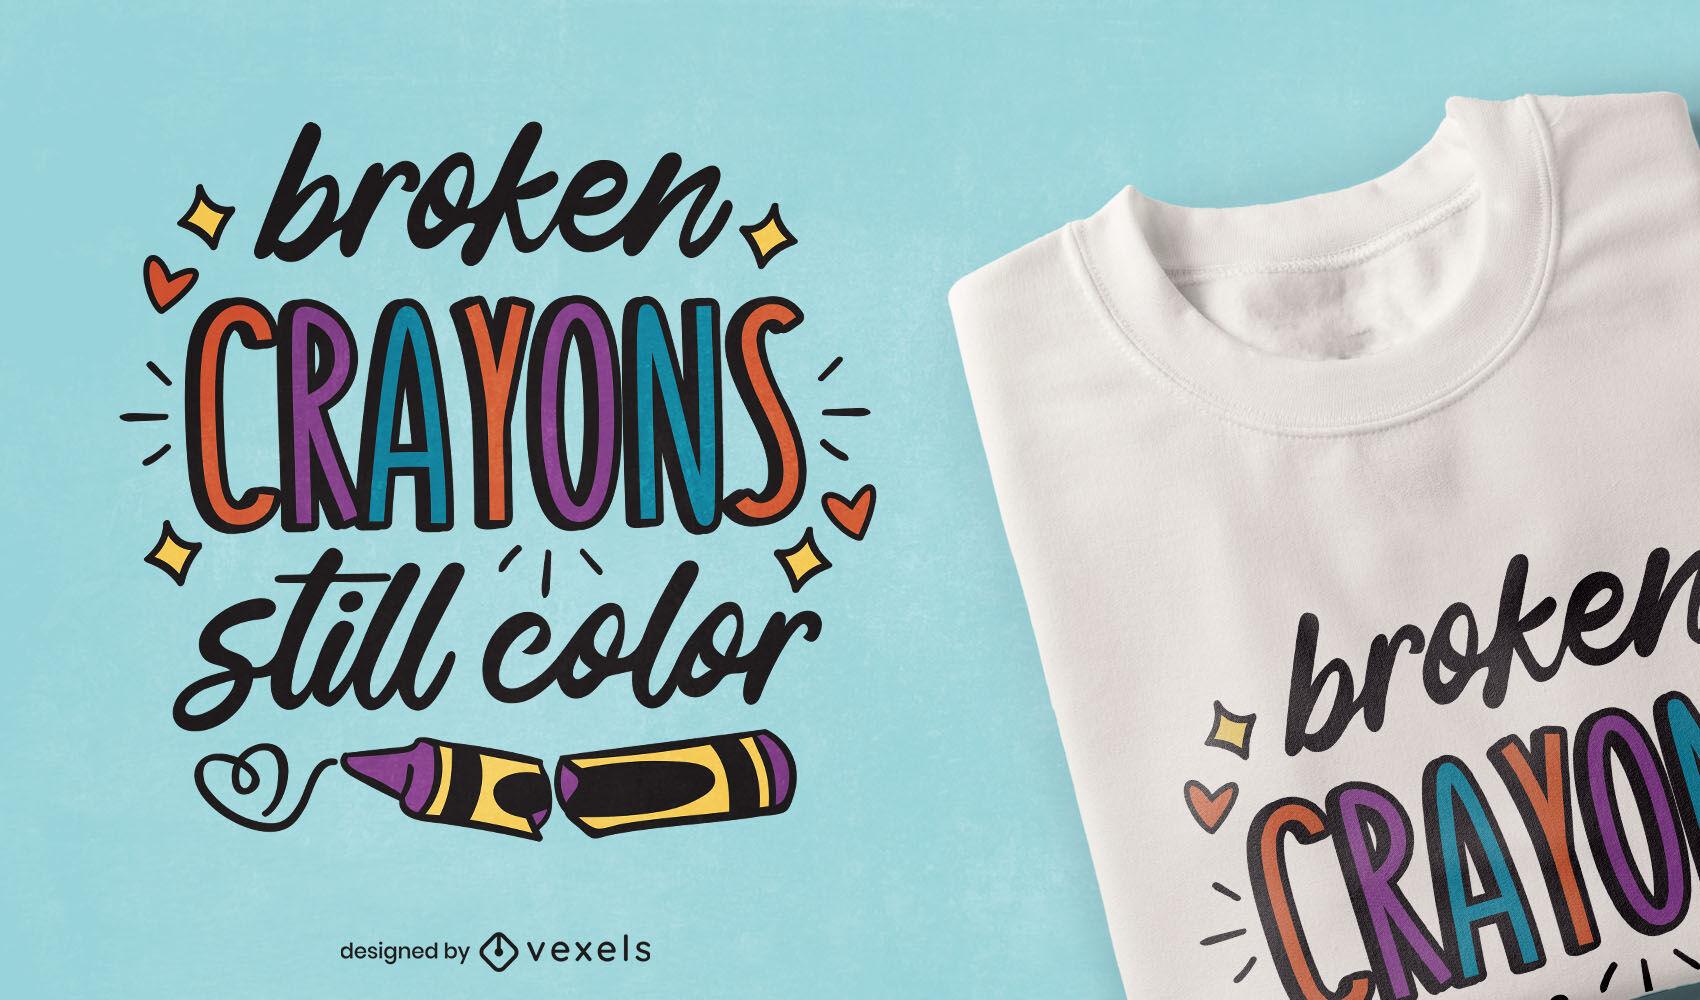 Dise?o de camiseta de color de crayones rotos.